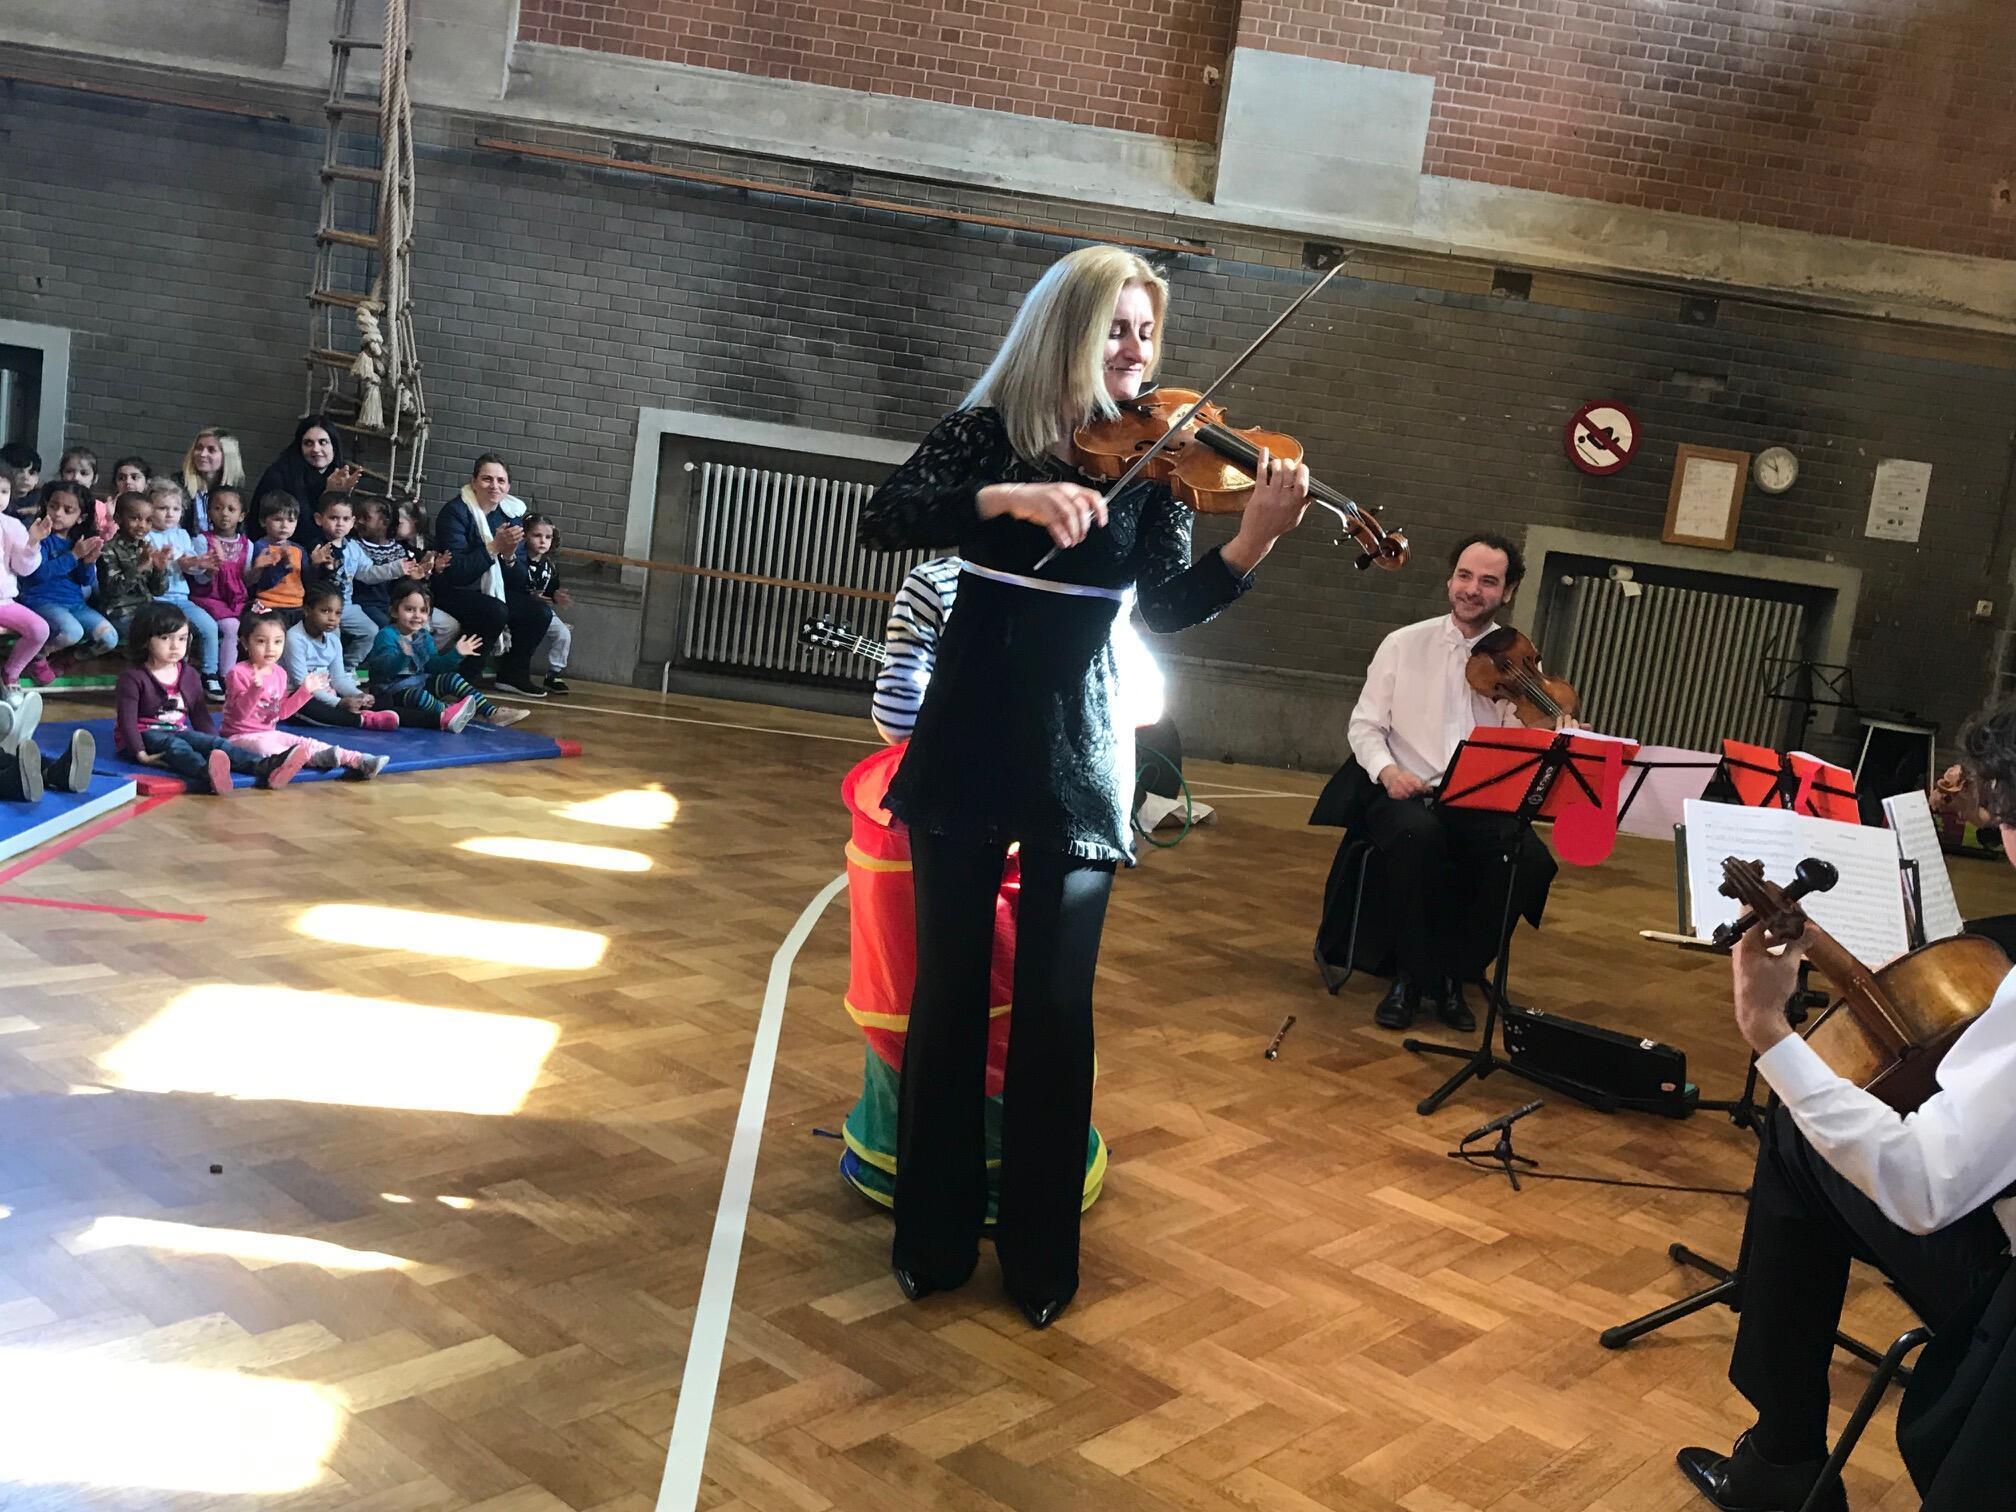 Altiste au sein de l'orchestre royal de chambre de Wallonie, Kela Canka se produit parfois aussi dans une école.